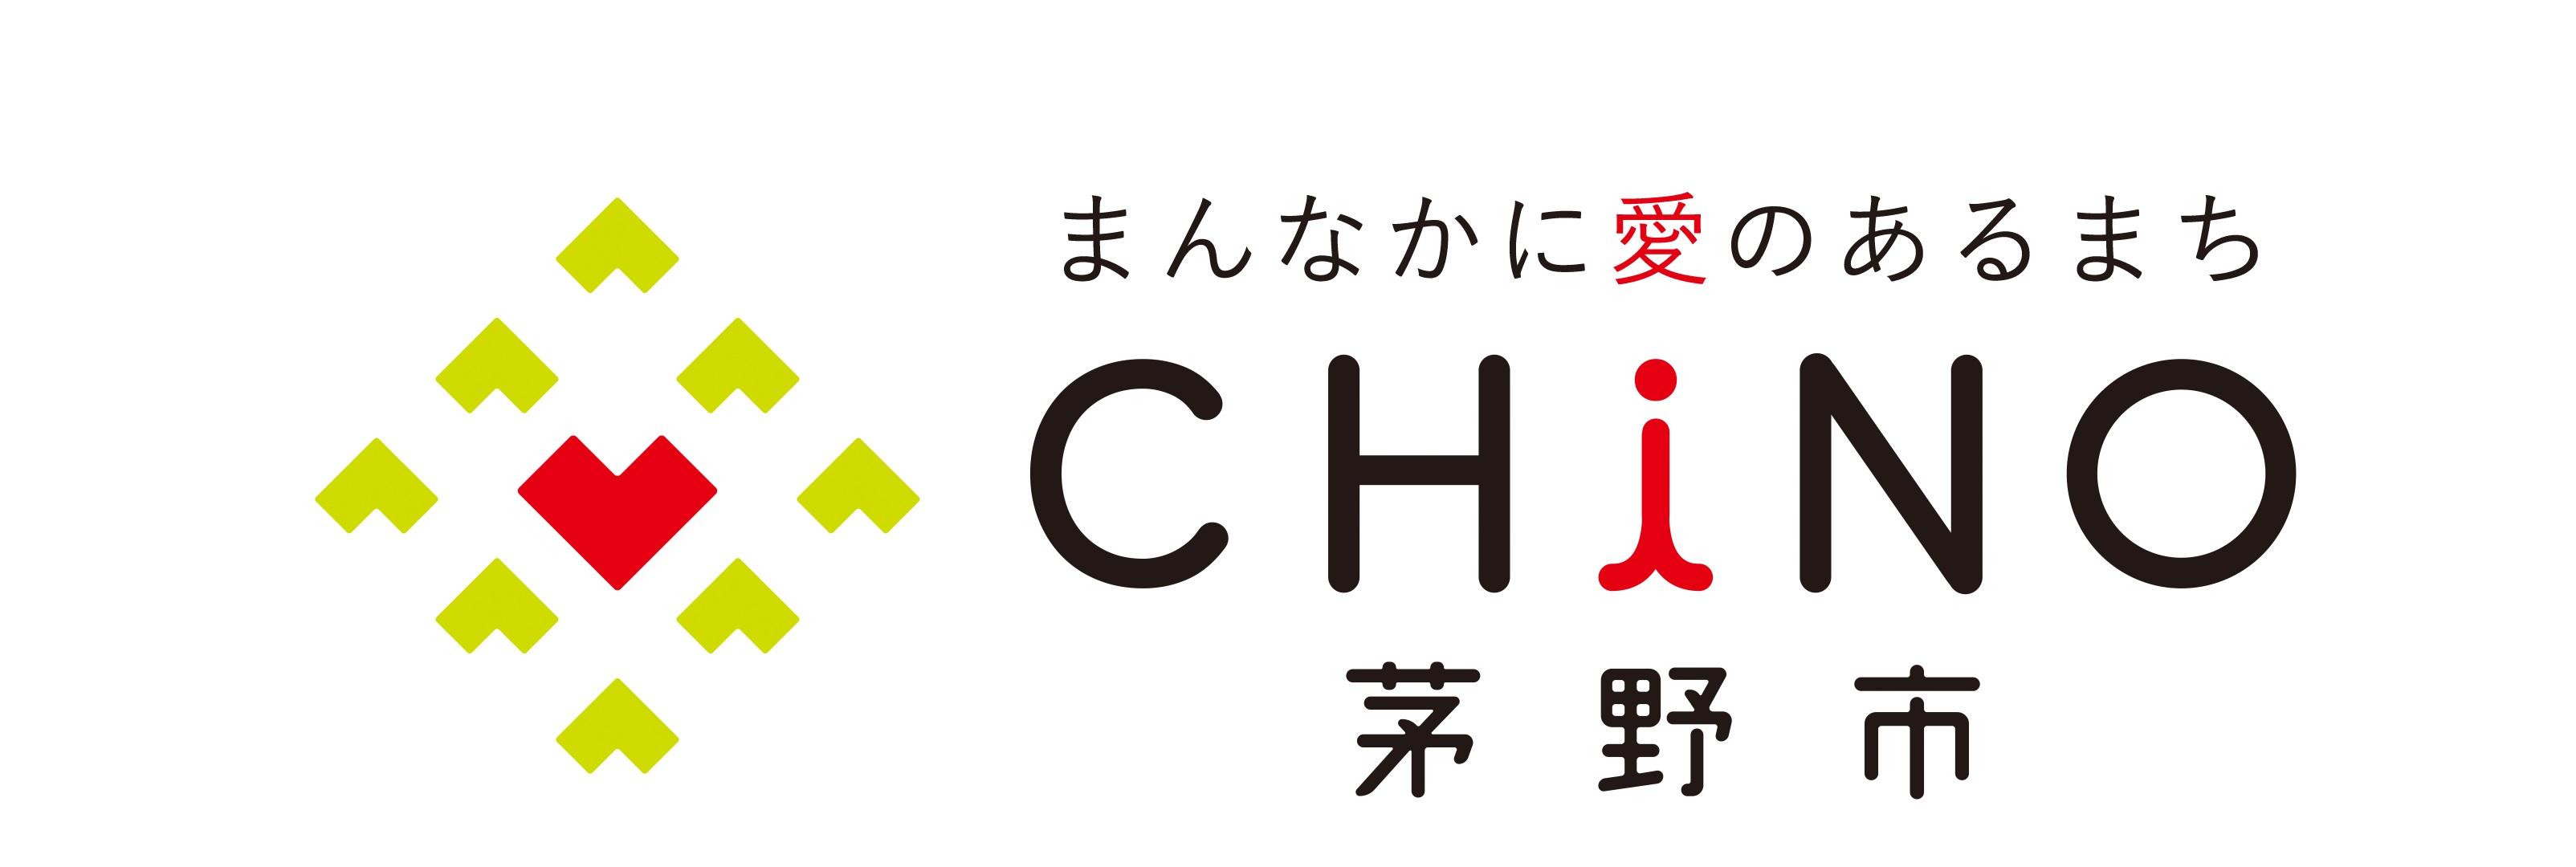 181102_CHiNO_logoA_1